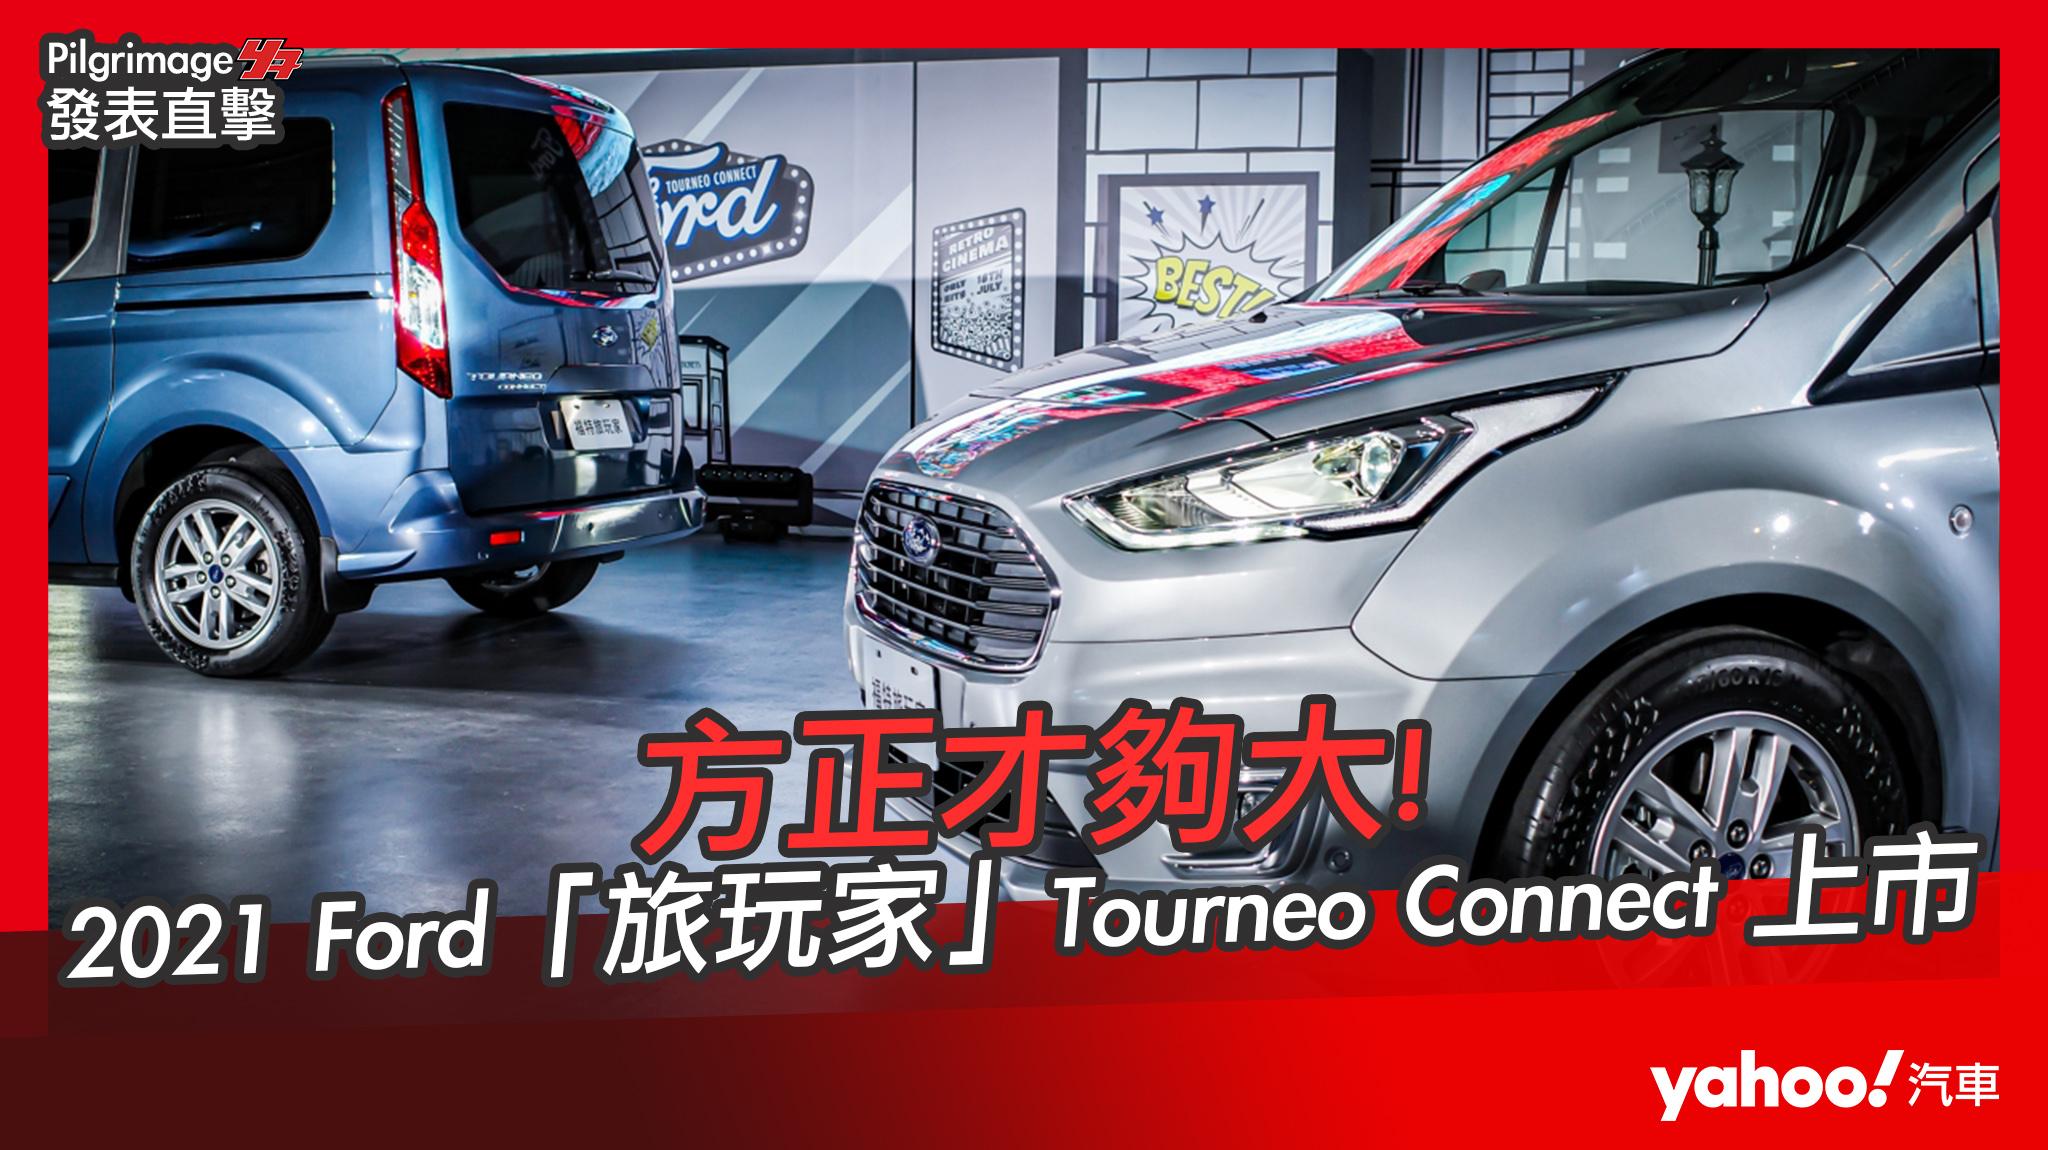 【發表直擊】方正才夠大!2021 Ford「旅玩家」Tourneo Connect正式上市!